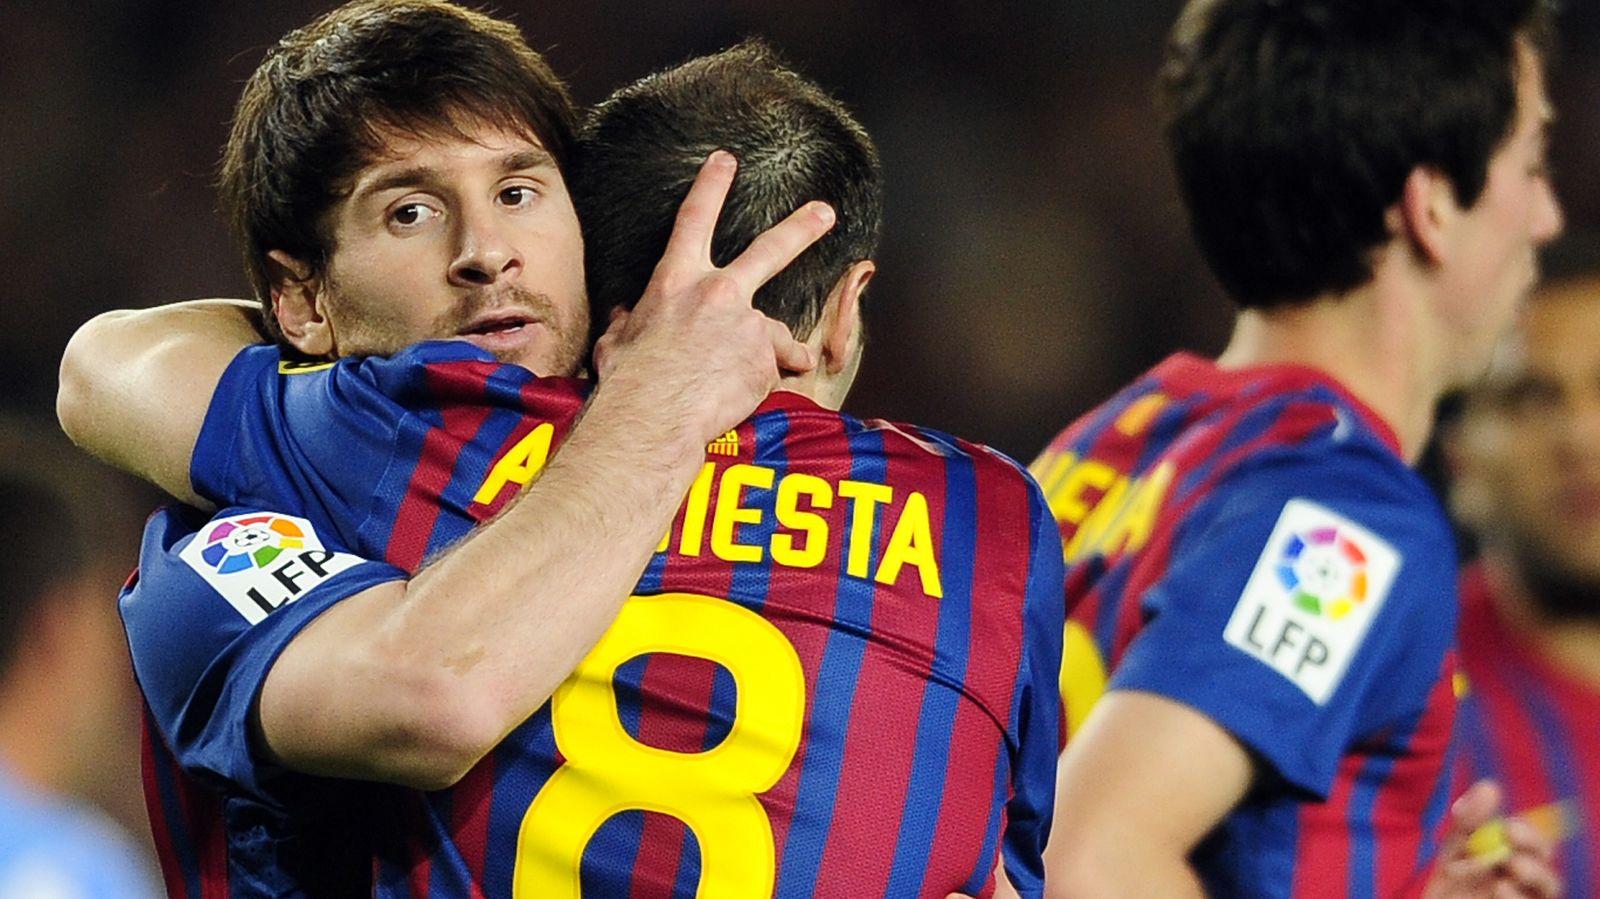 Foto: Lionel Messi y Andrés Iniesta, en una imagen de archivo (Gtres)